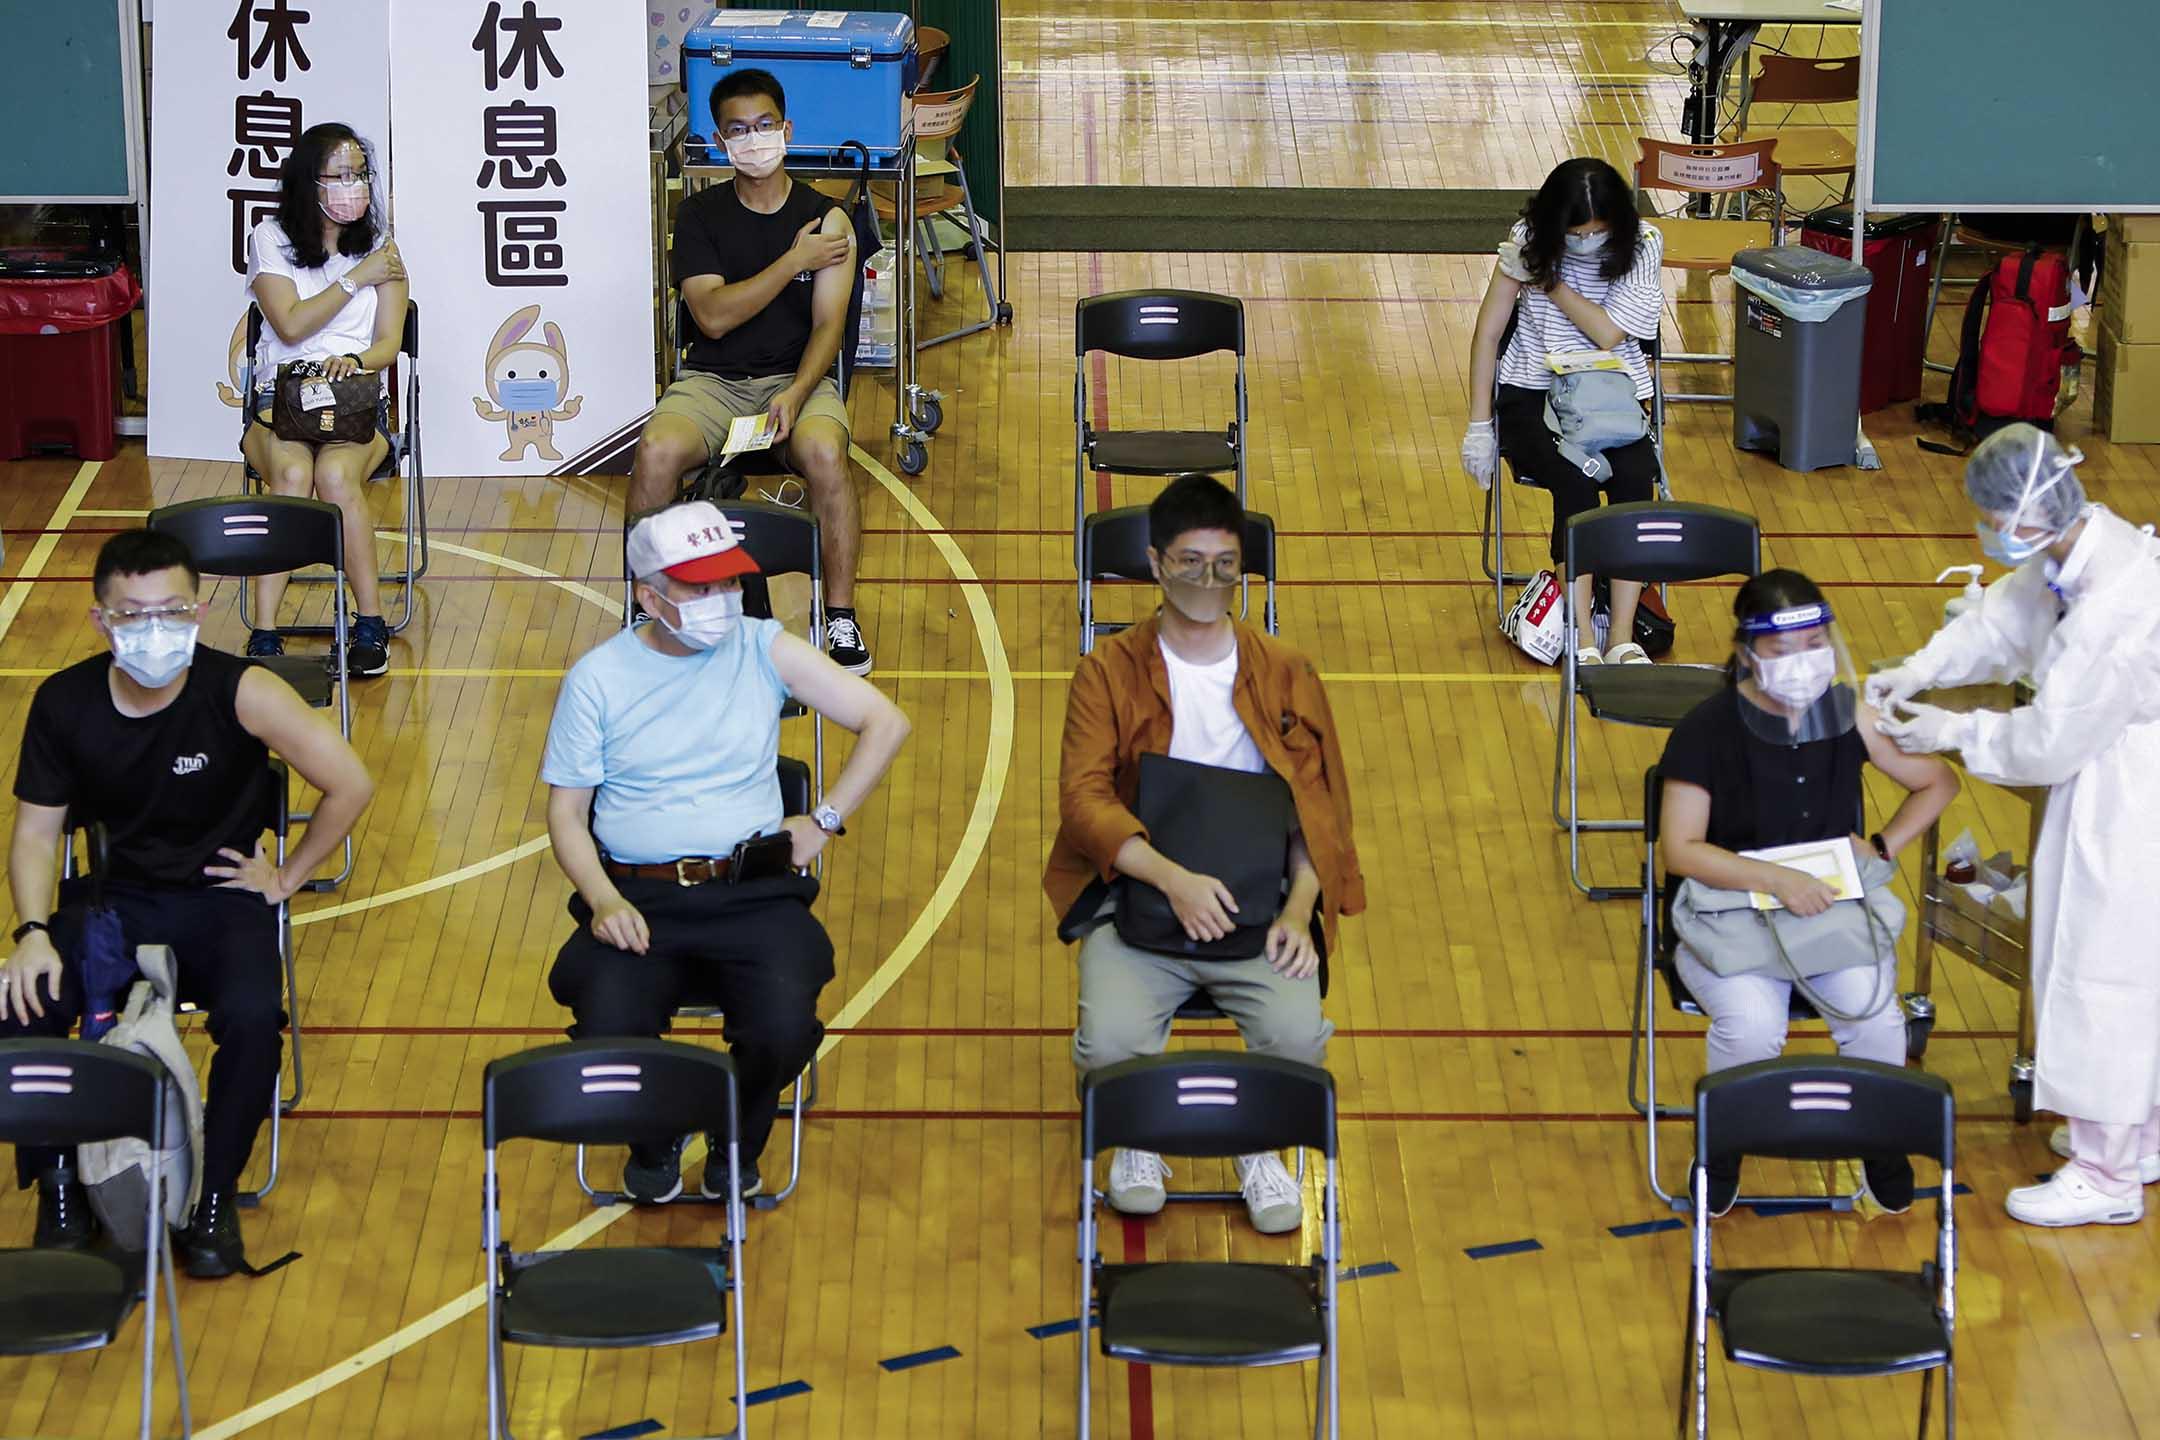 2021年7月21日台灣台北,人們在醫院內接種2019冠狀病毒的疫苗。